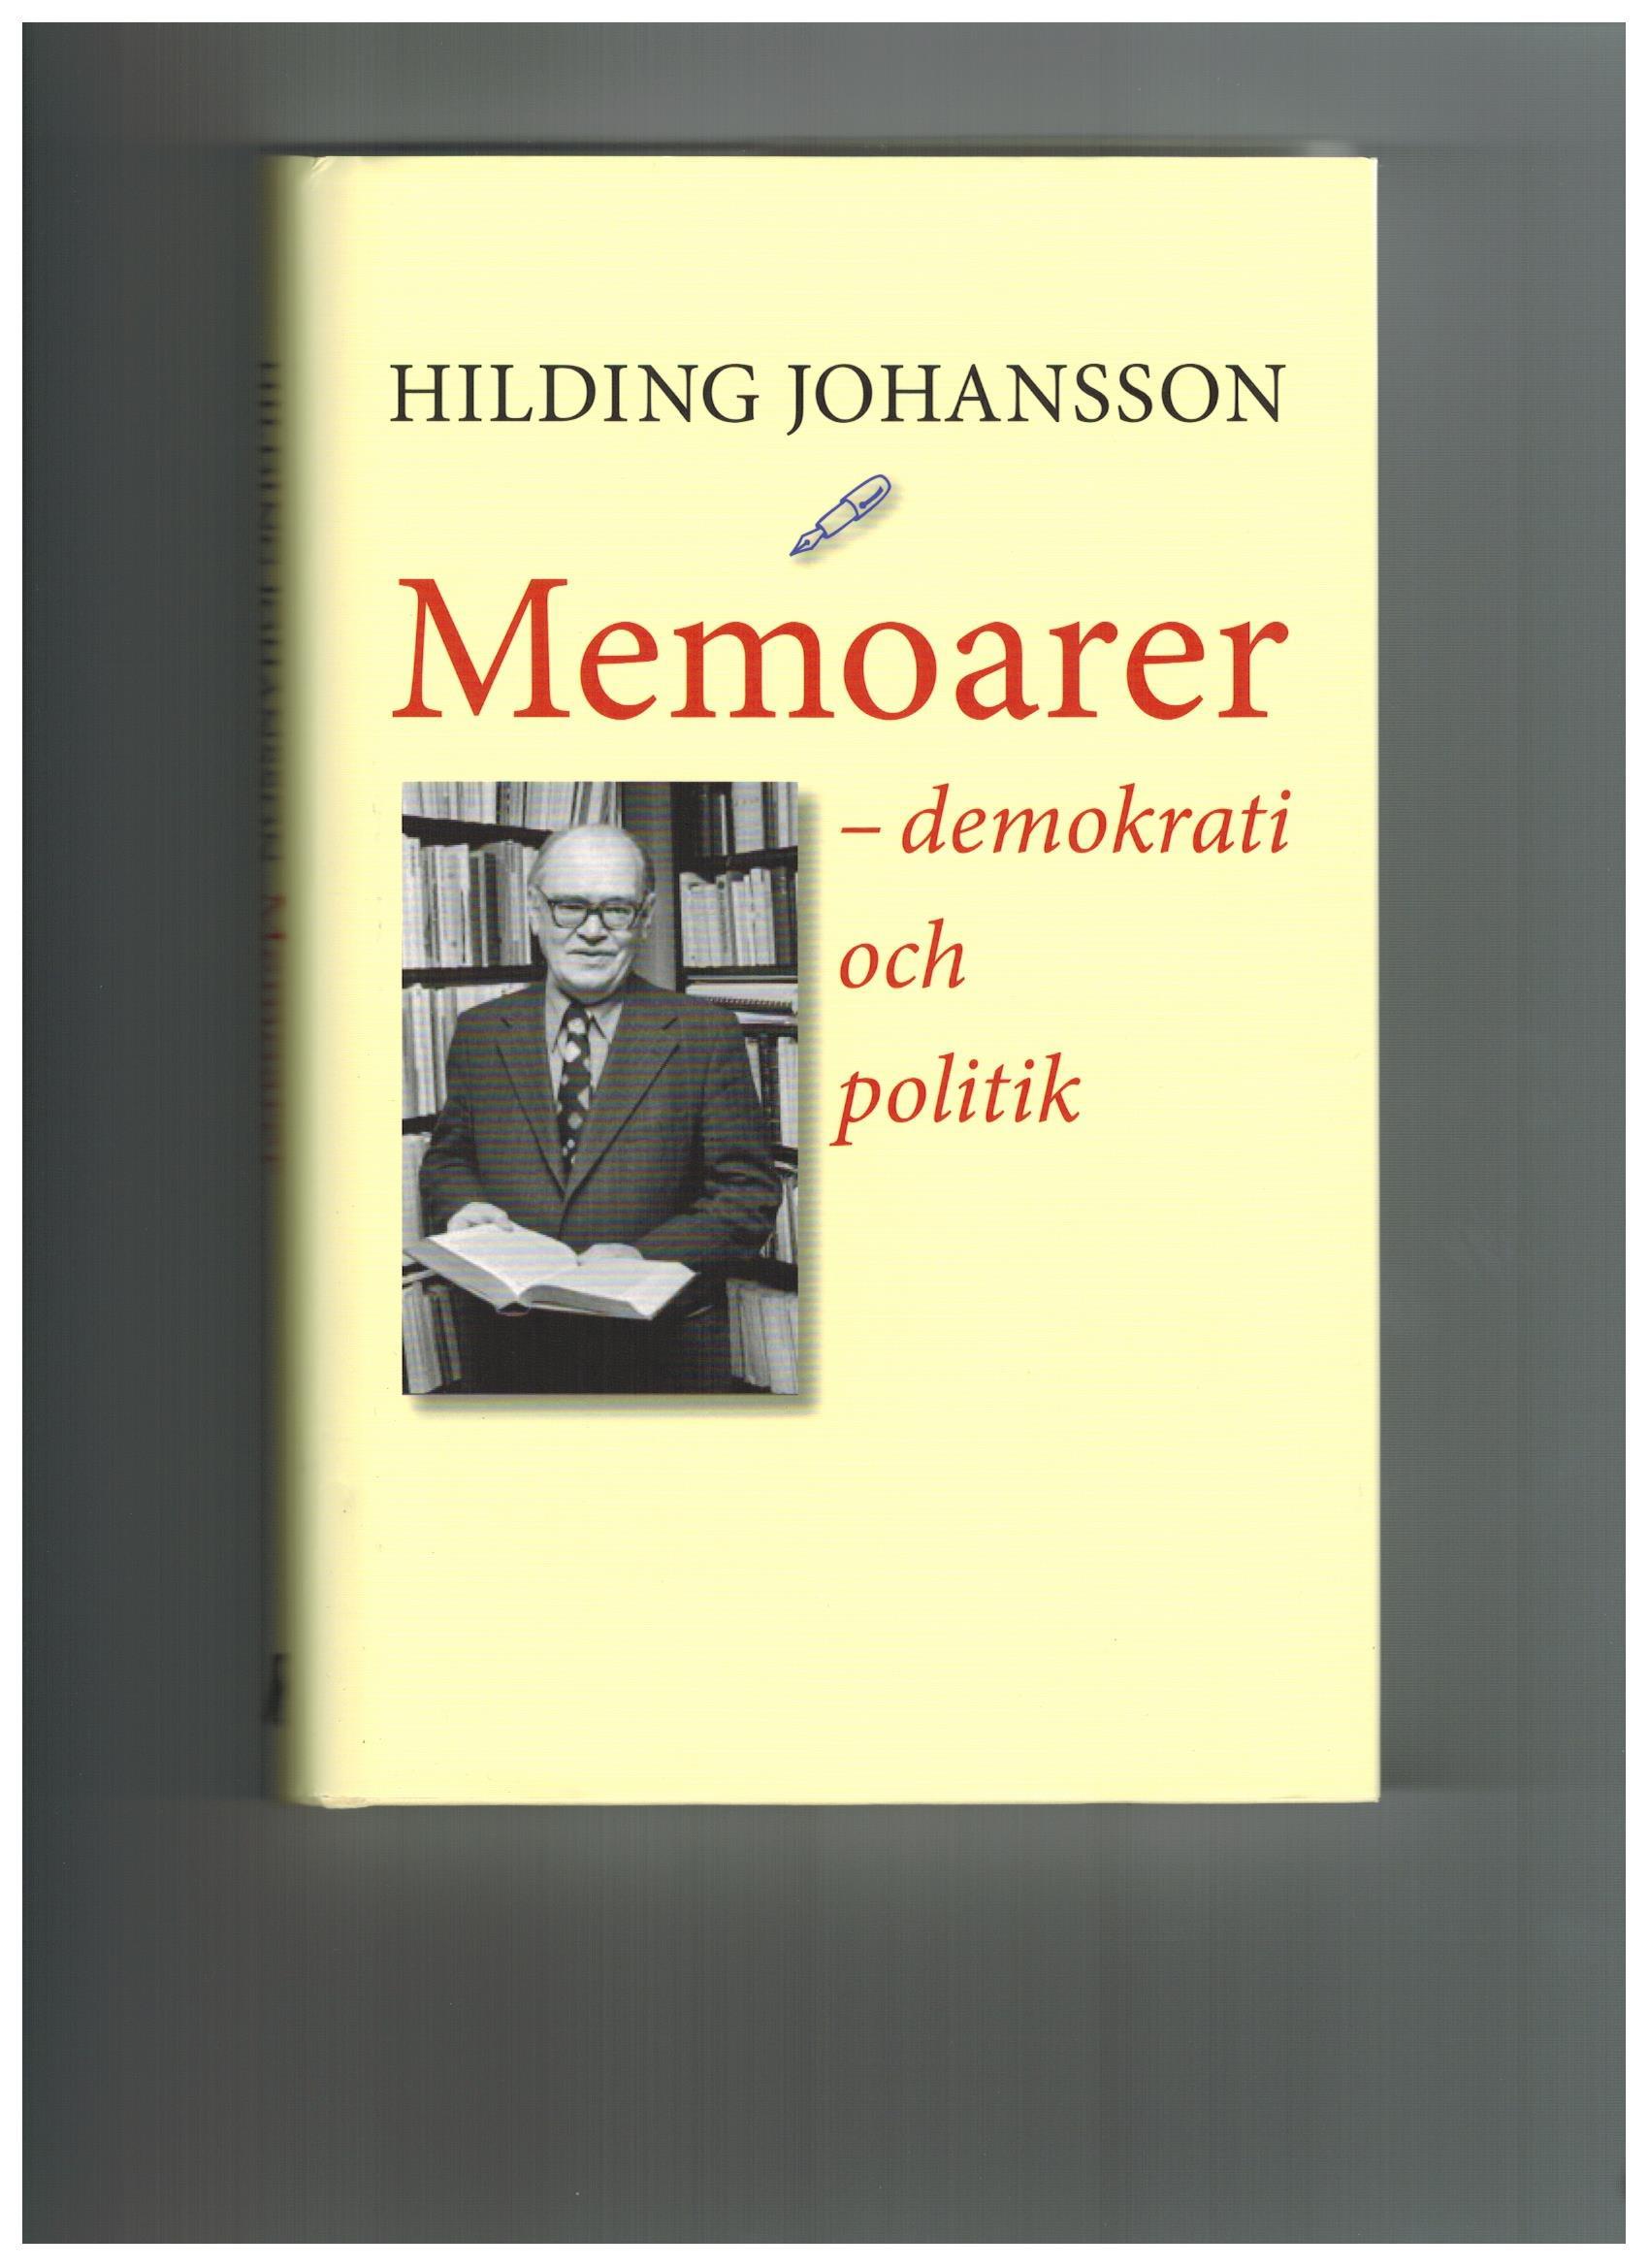 Hilding Johansson;bok, bild